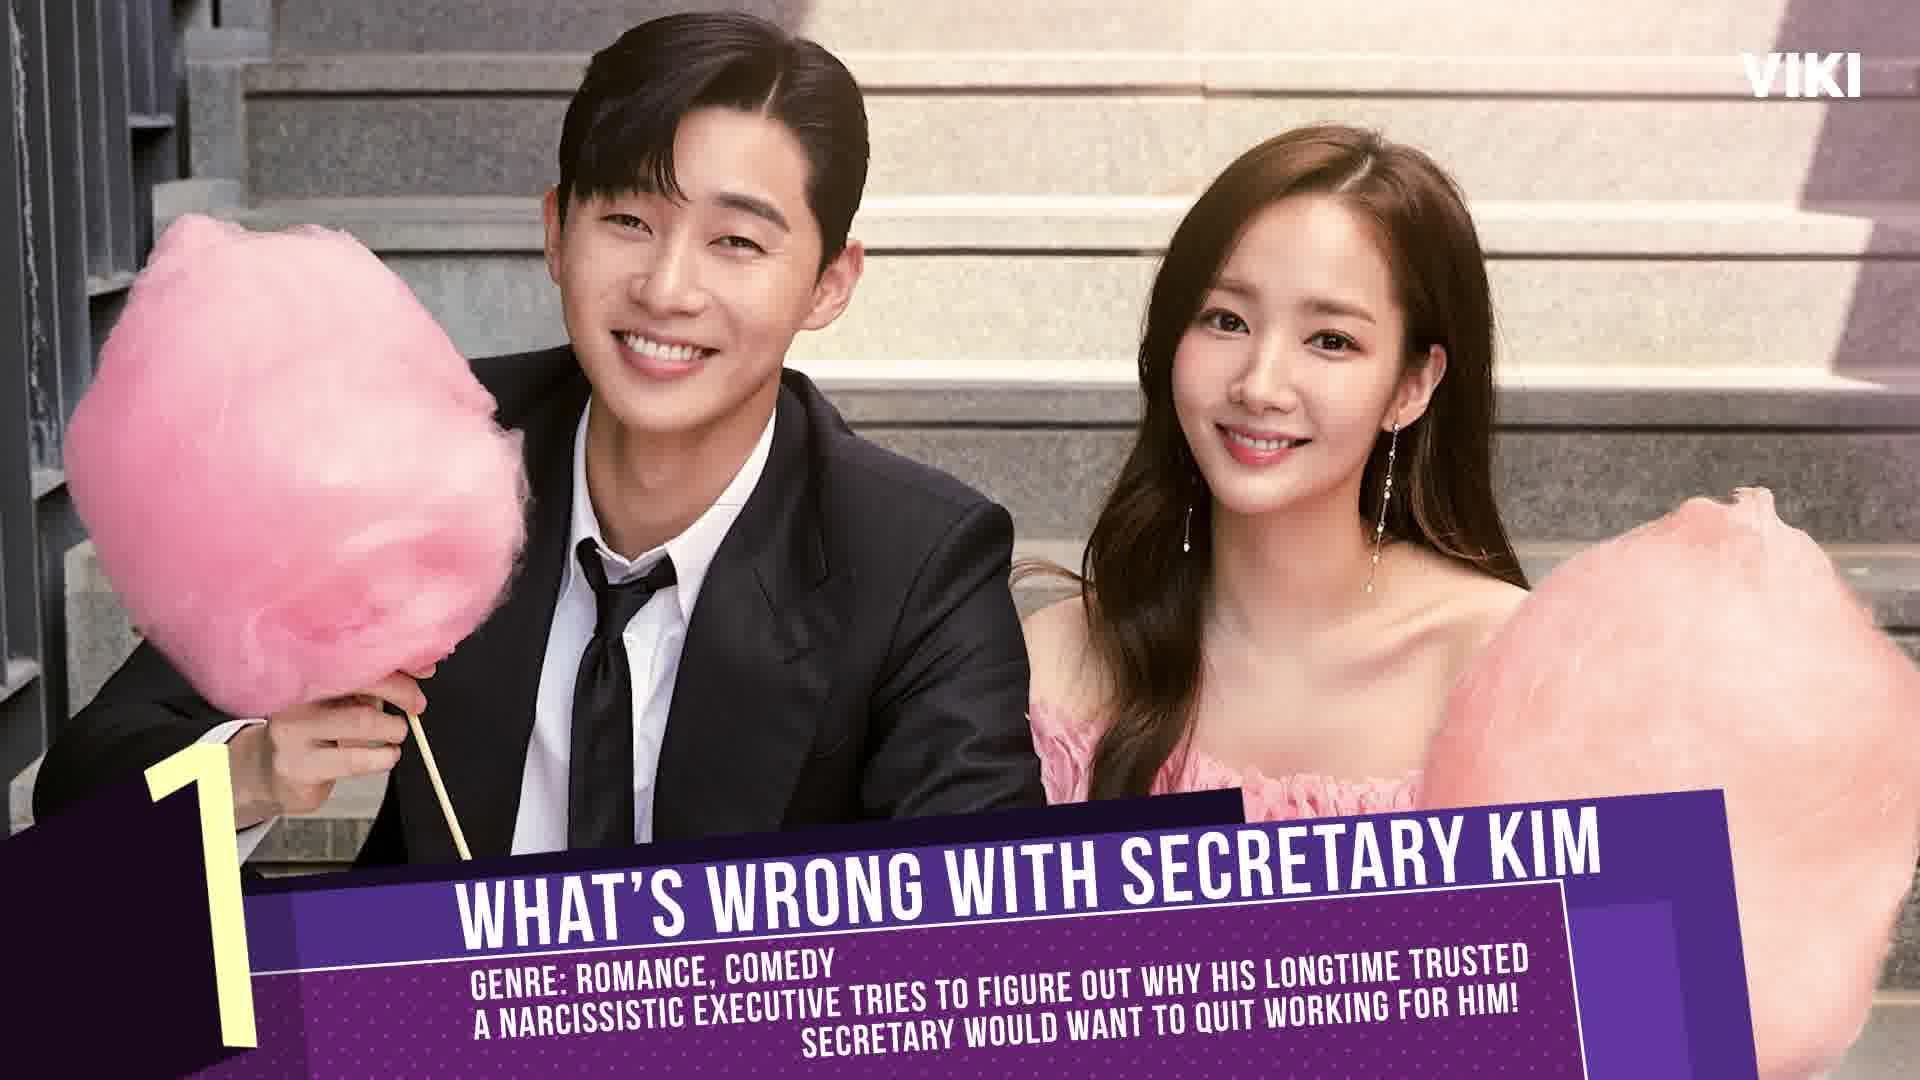 #VikiTopDramas Episode 7: Top 10 Korean Dramas: Spring 2018